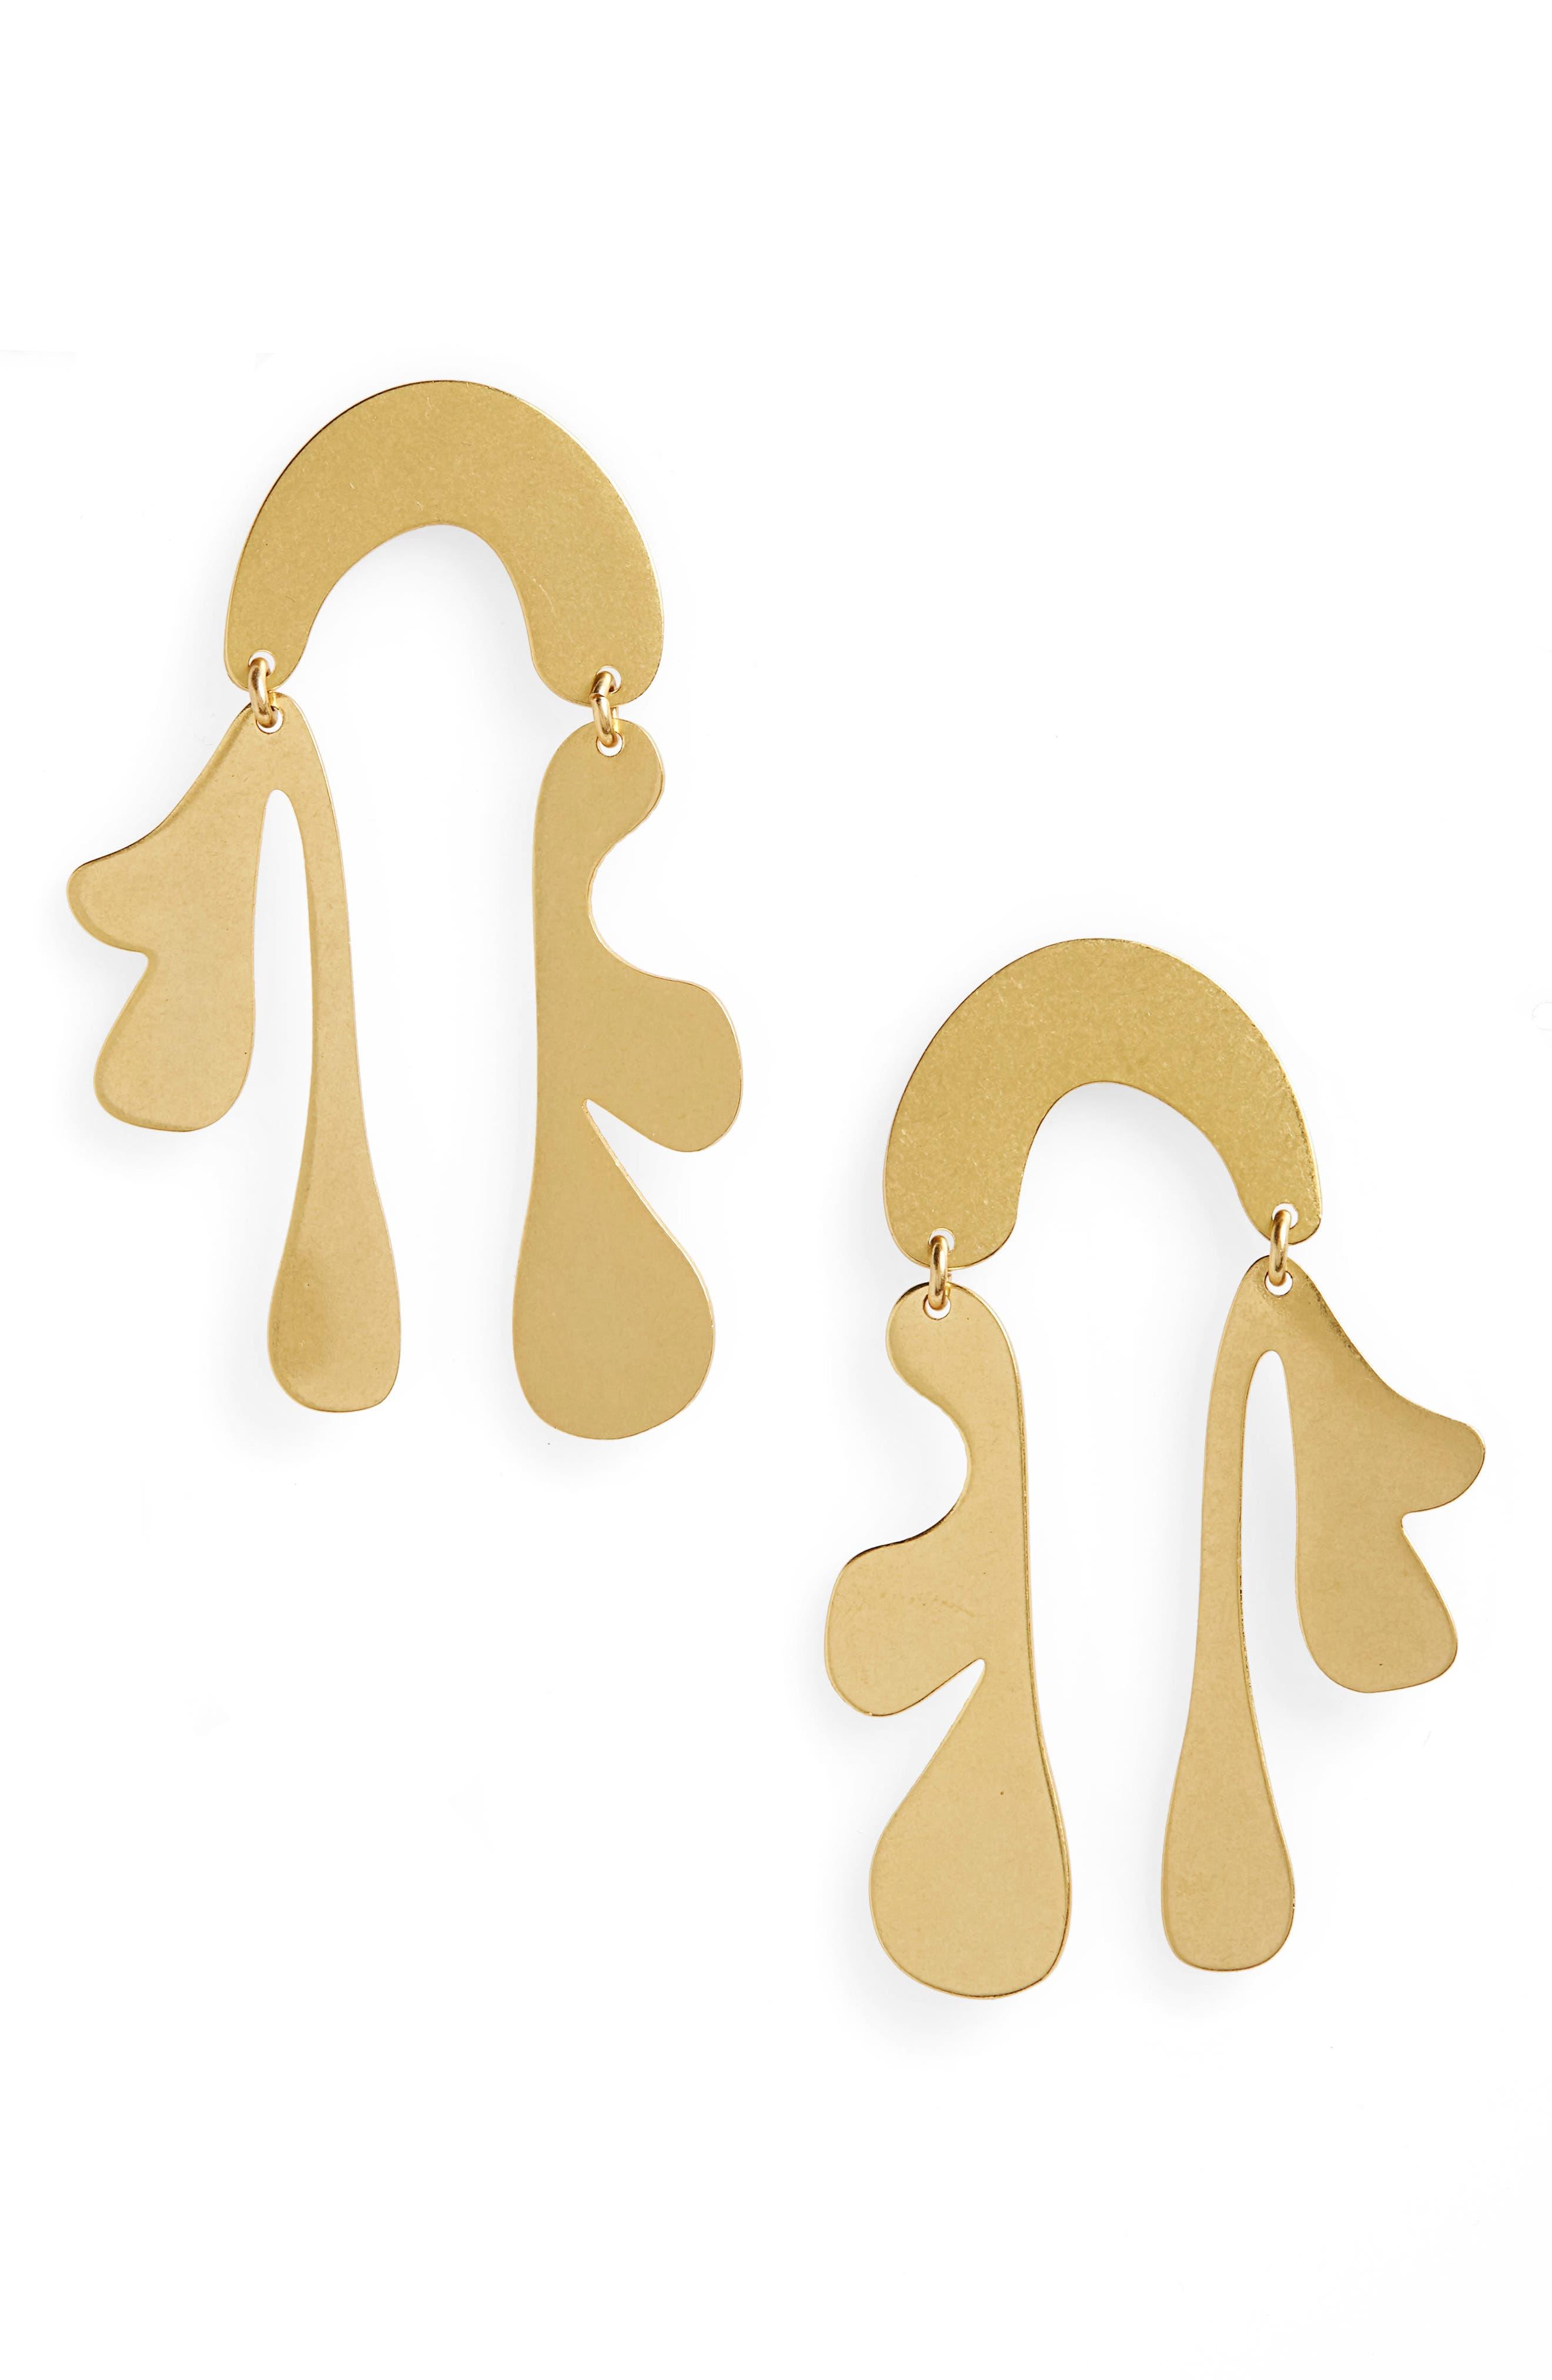 Fauve Statement Earrings,                             Main thumbnail 1, color,                             VINTAGE GOLD